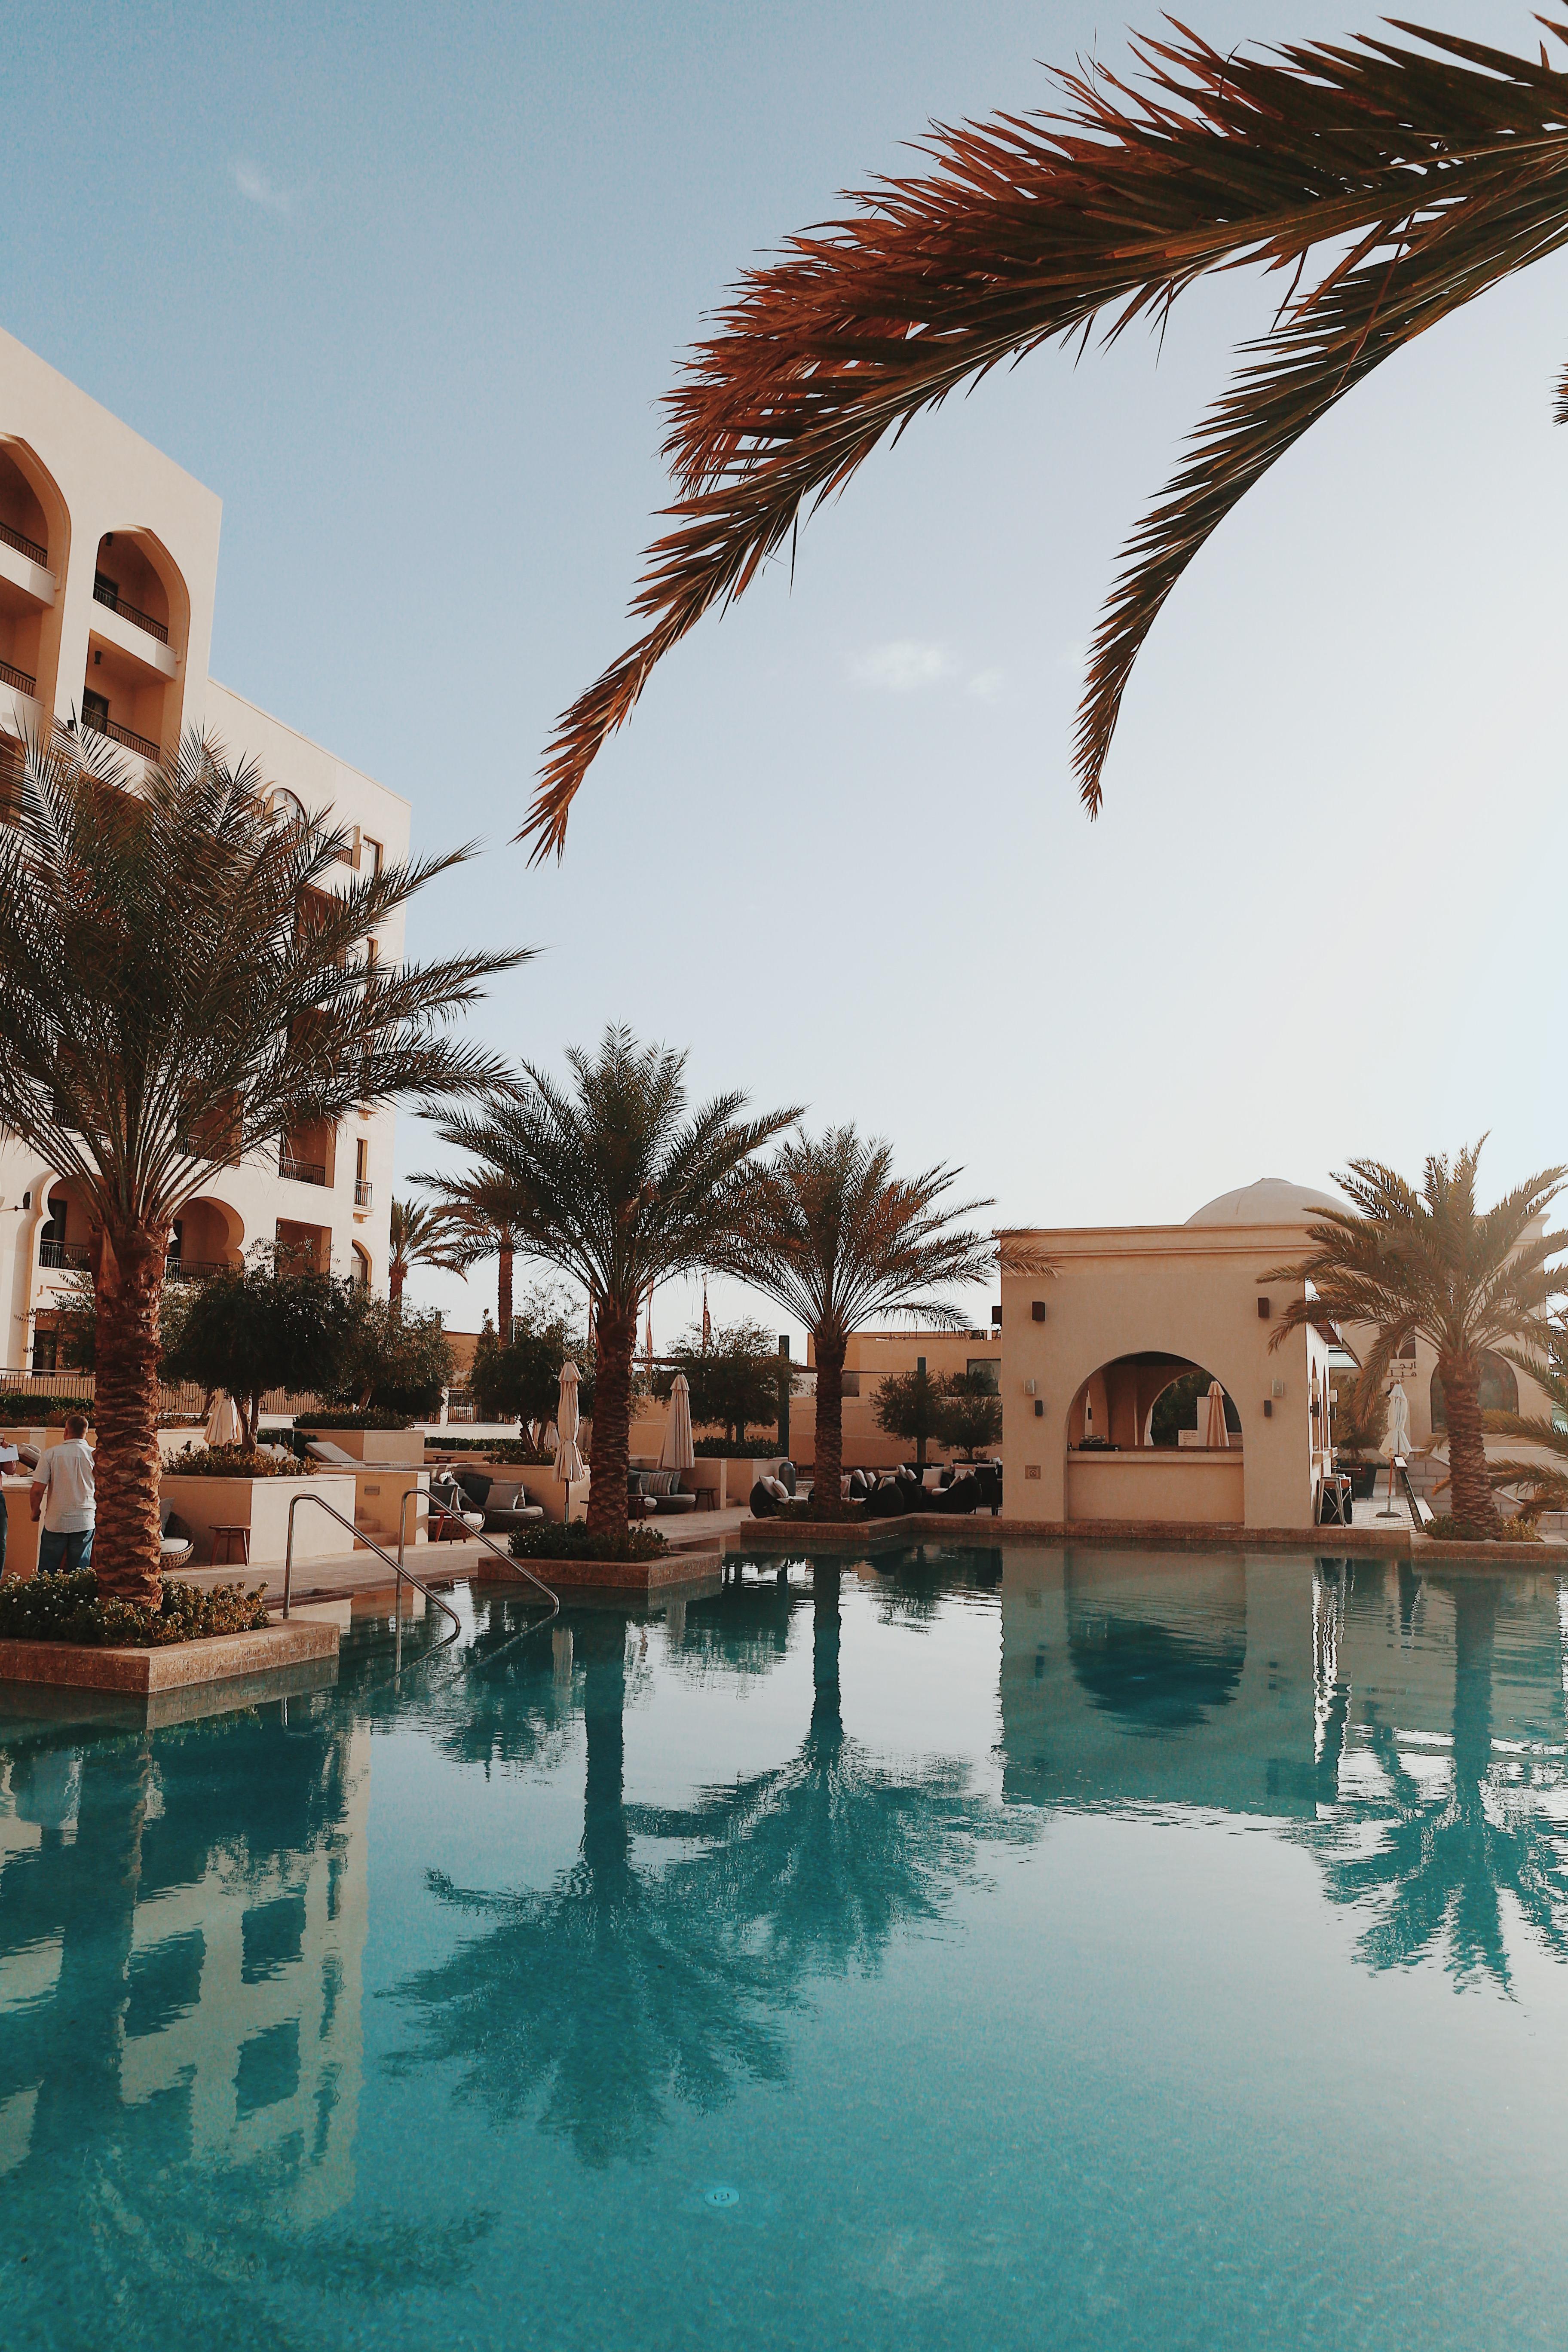 Цены в иордании на еду, отели, транспорт. сколько стоит отдых 2020?